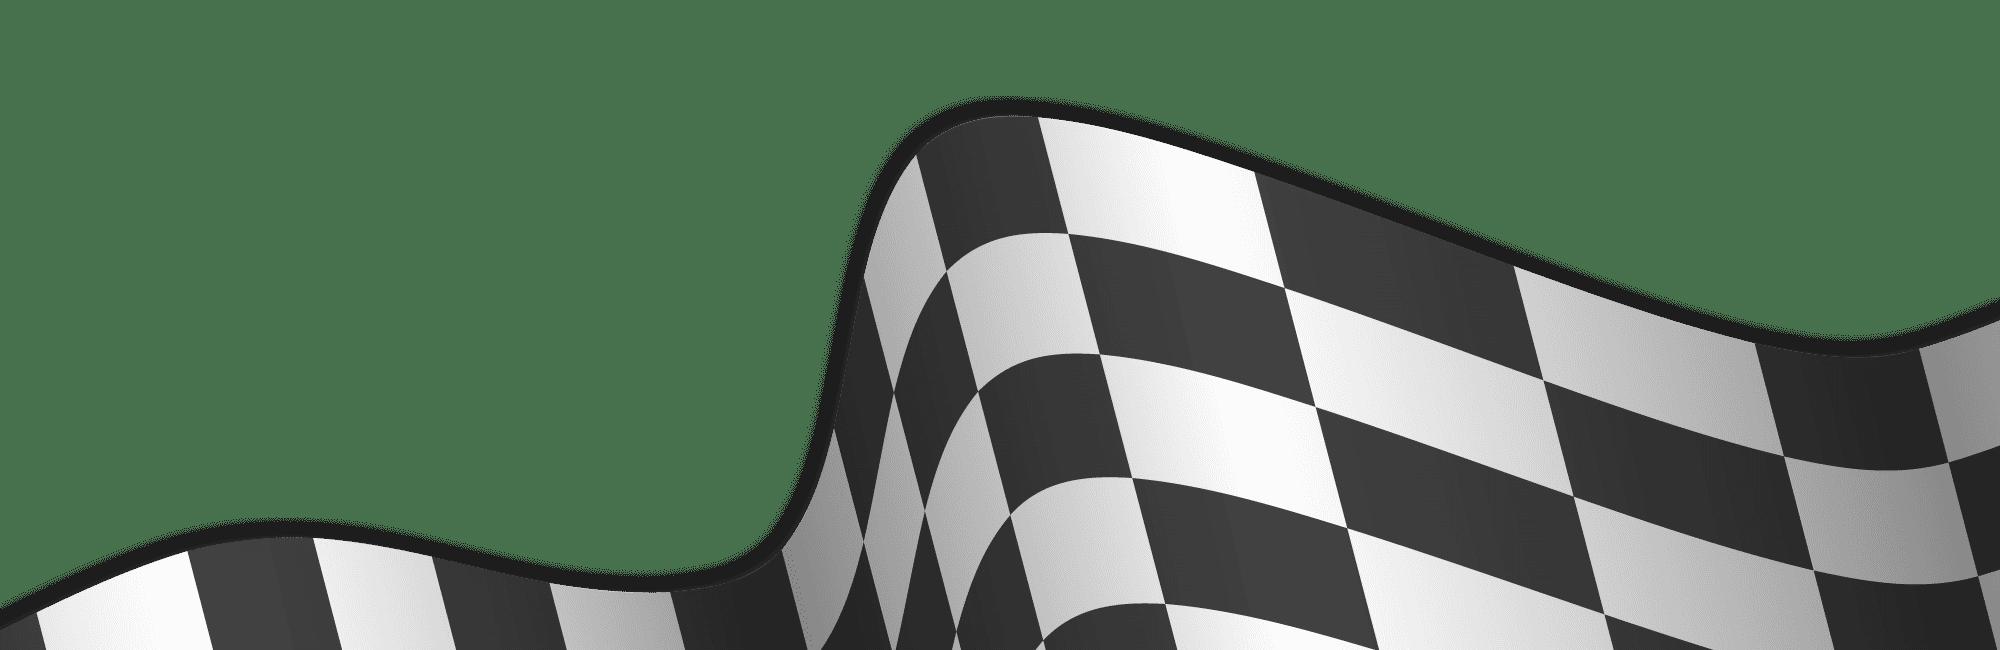 Pellin Racing service autorizzato Ferrari e Maserati